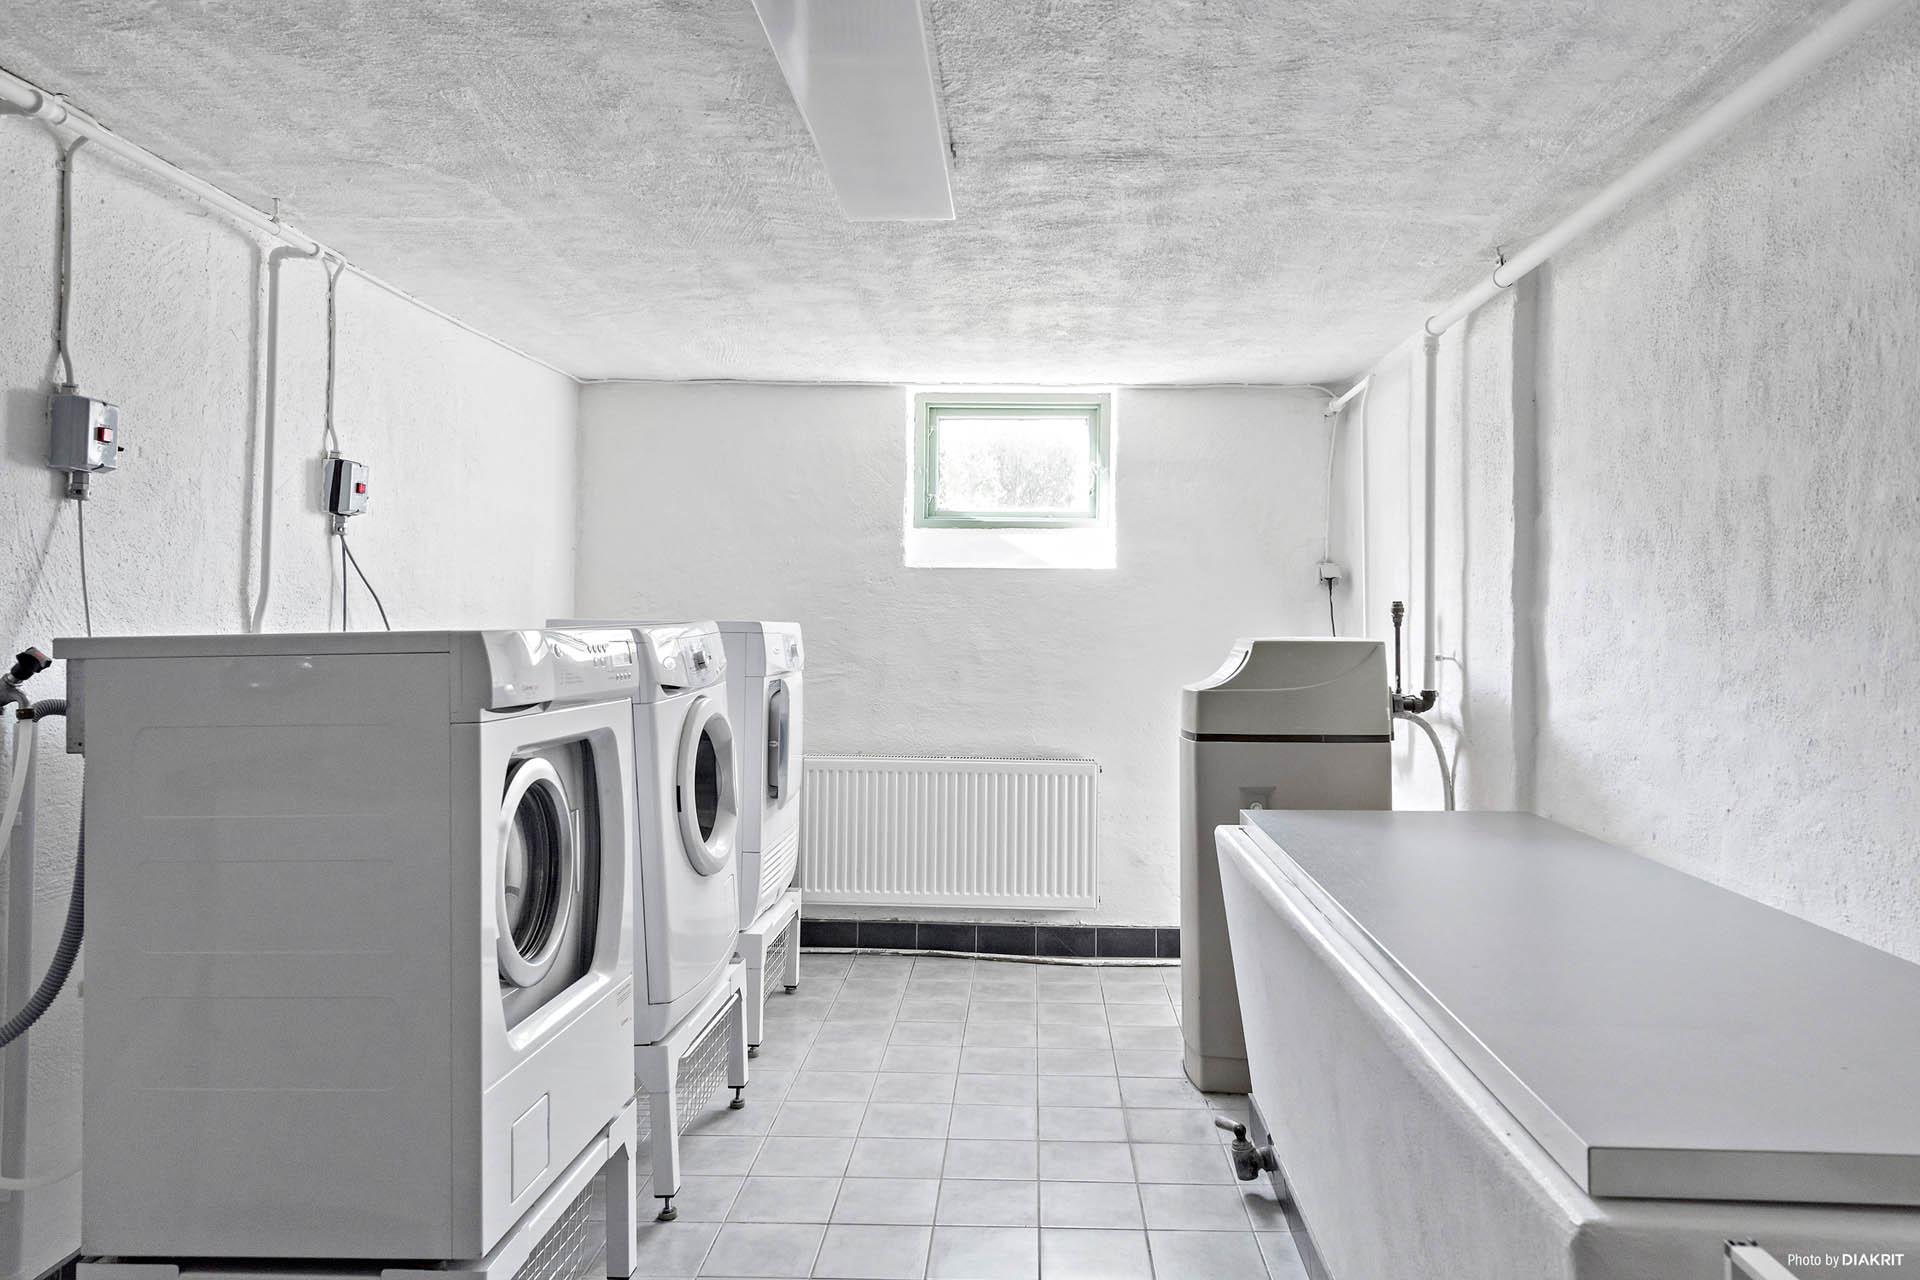 Modern och välutrustad tvättstuga på källarplan. Tvättmaskiner, torktumlare och torkrum finns att tillgå. På det gamla tvättkaret finns plats att stå och vika tvätt.